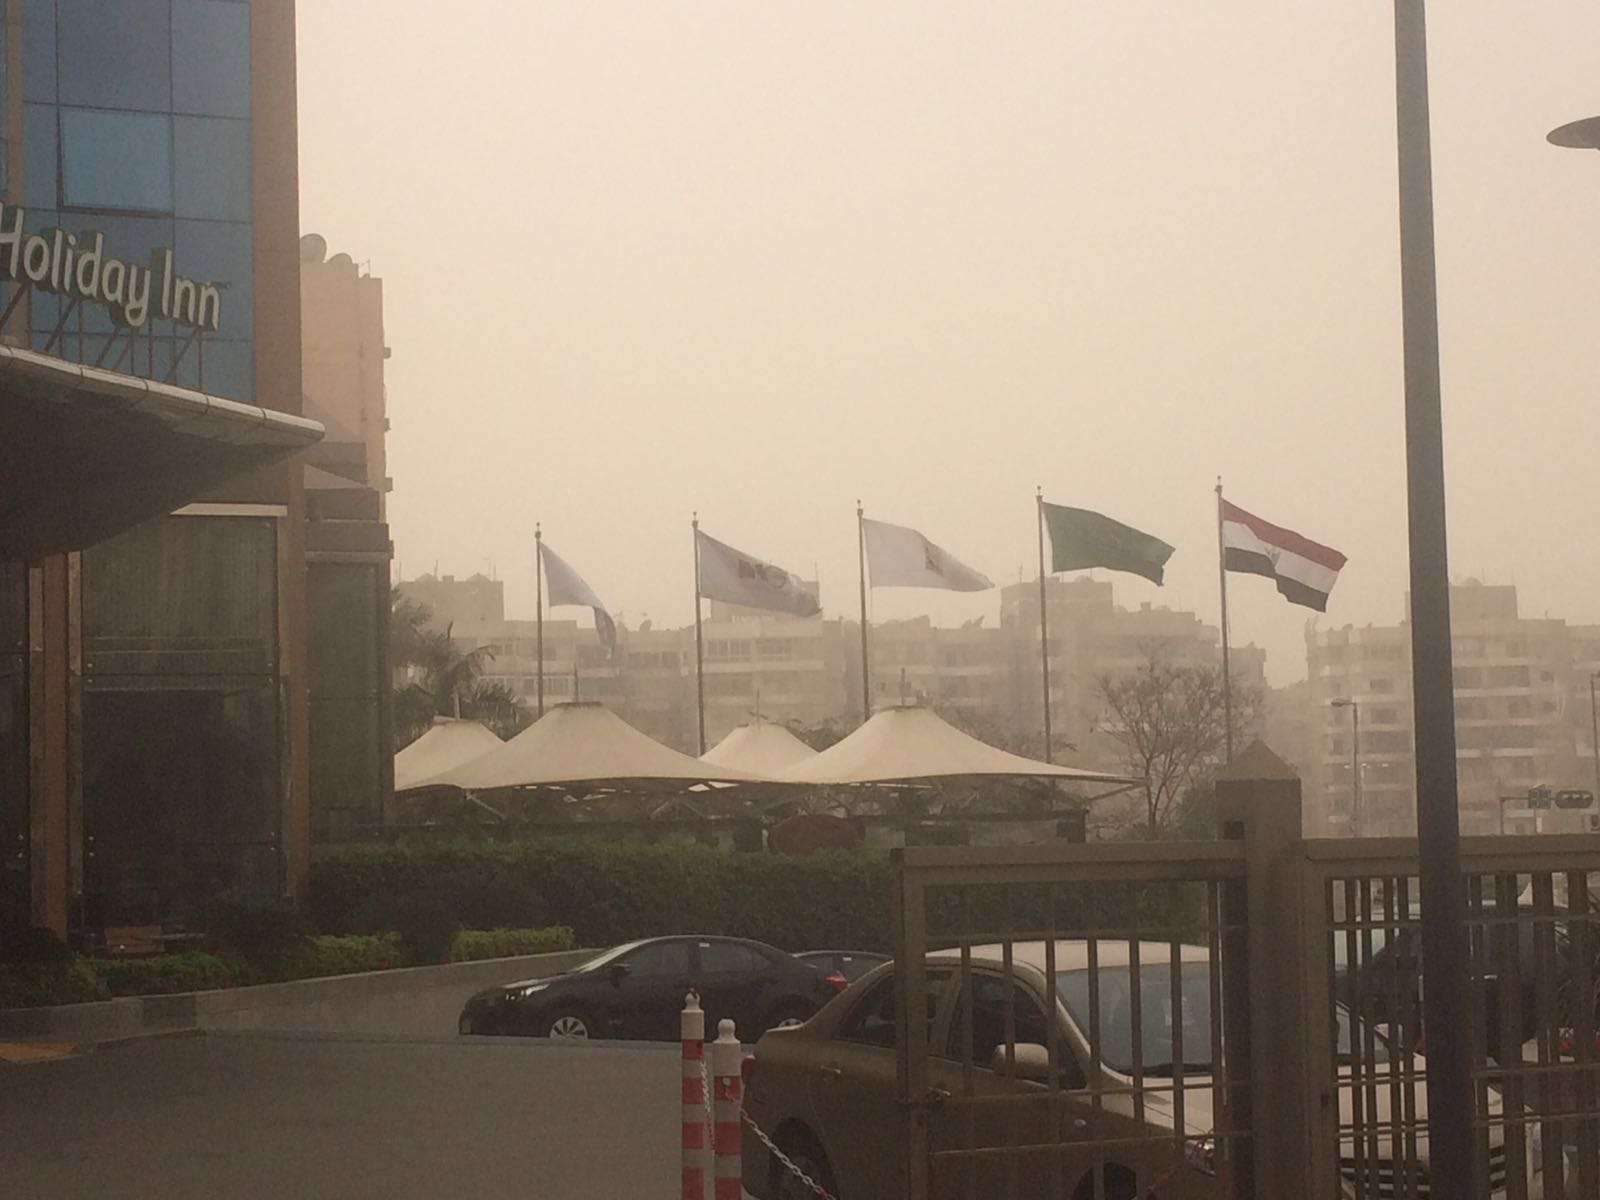 عاصفة ترابية تغطي سماء القاهرة